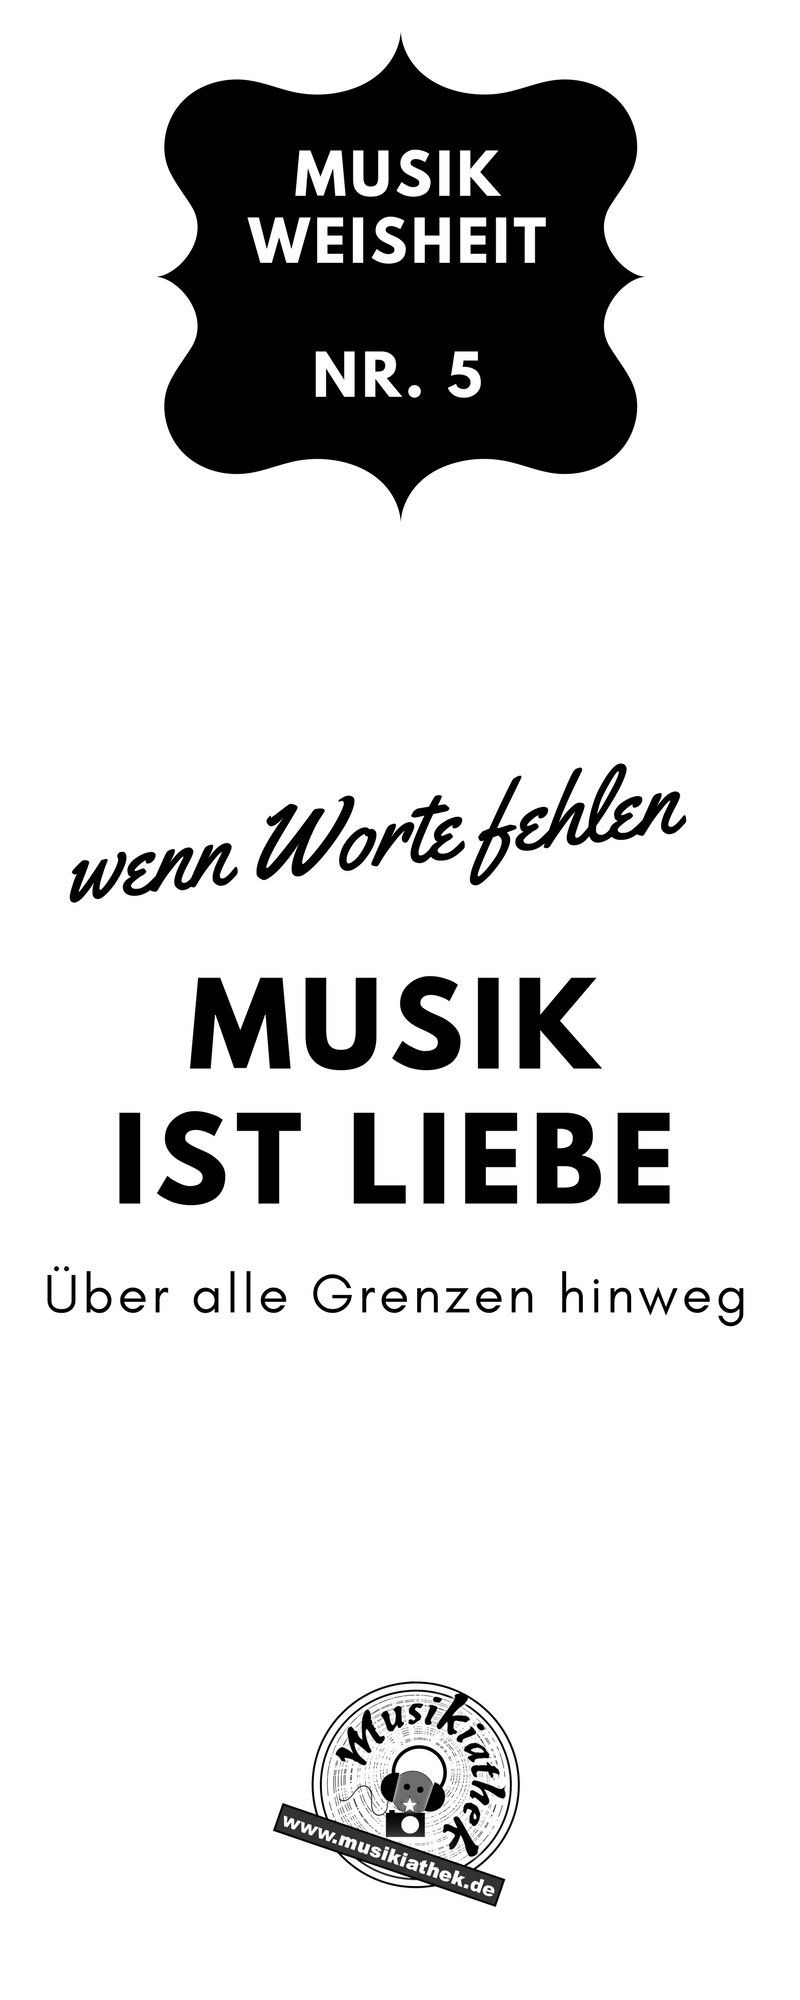 """musik sprüche kurz Die 20 besten Musikweisheiten: """"Wenn Worte fehlen.."""" Musik Sprüche  musik sprüche kurz"""